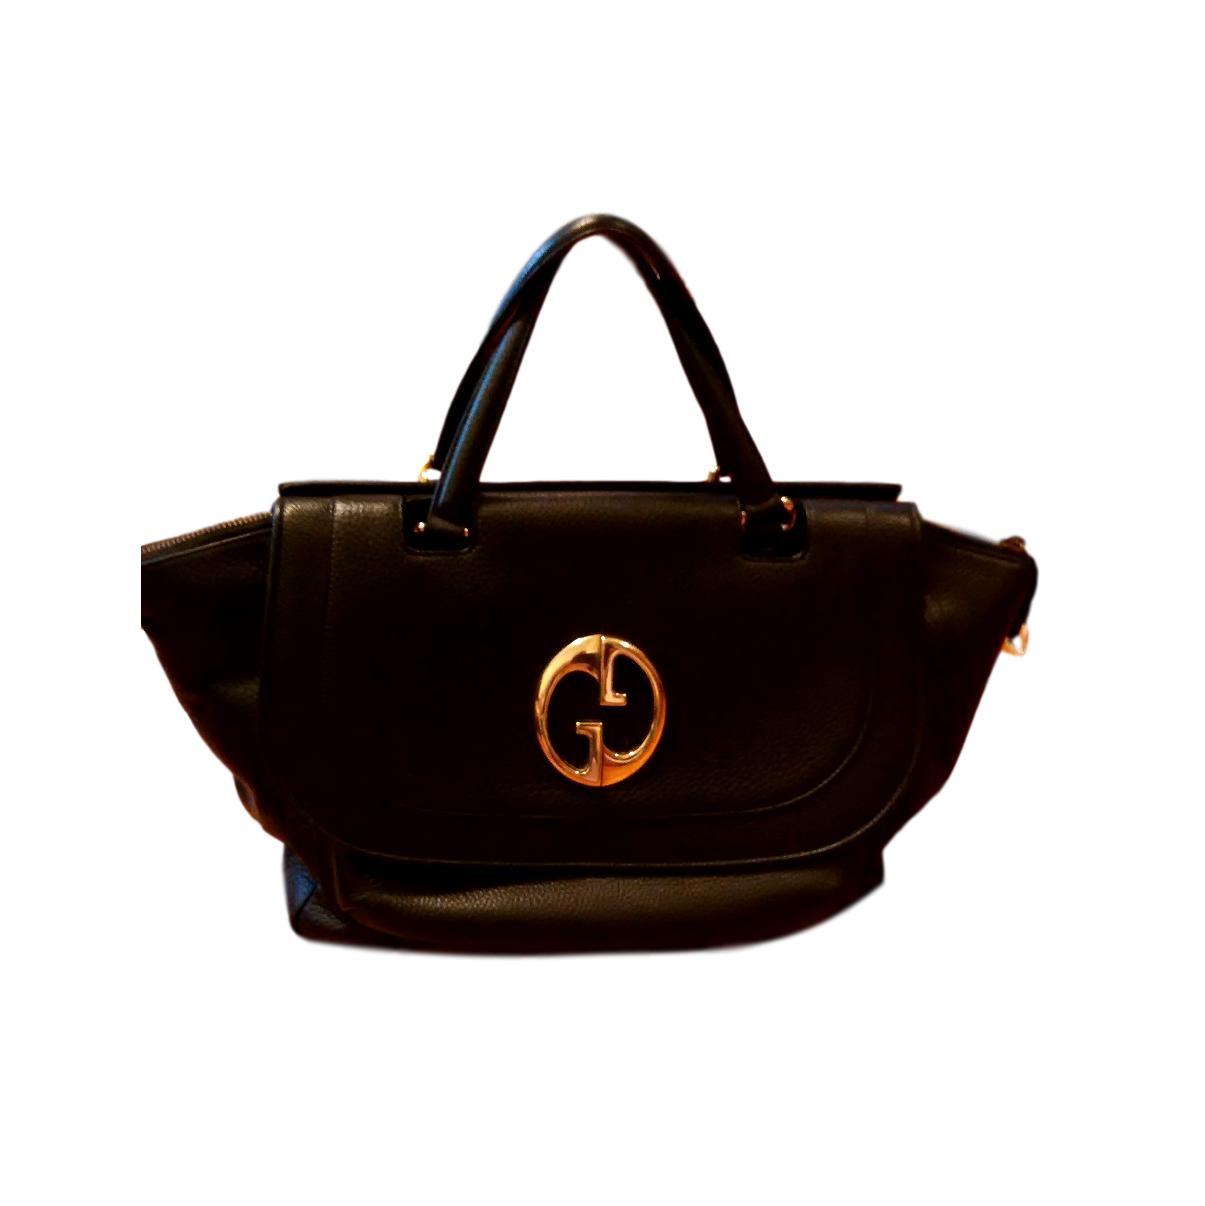 3495e130b2f3 Купить крупную сумку Gucci за 60000 руб. в интернет магазине ...